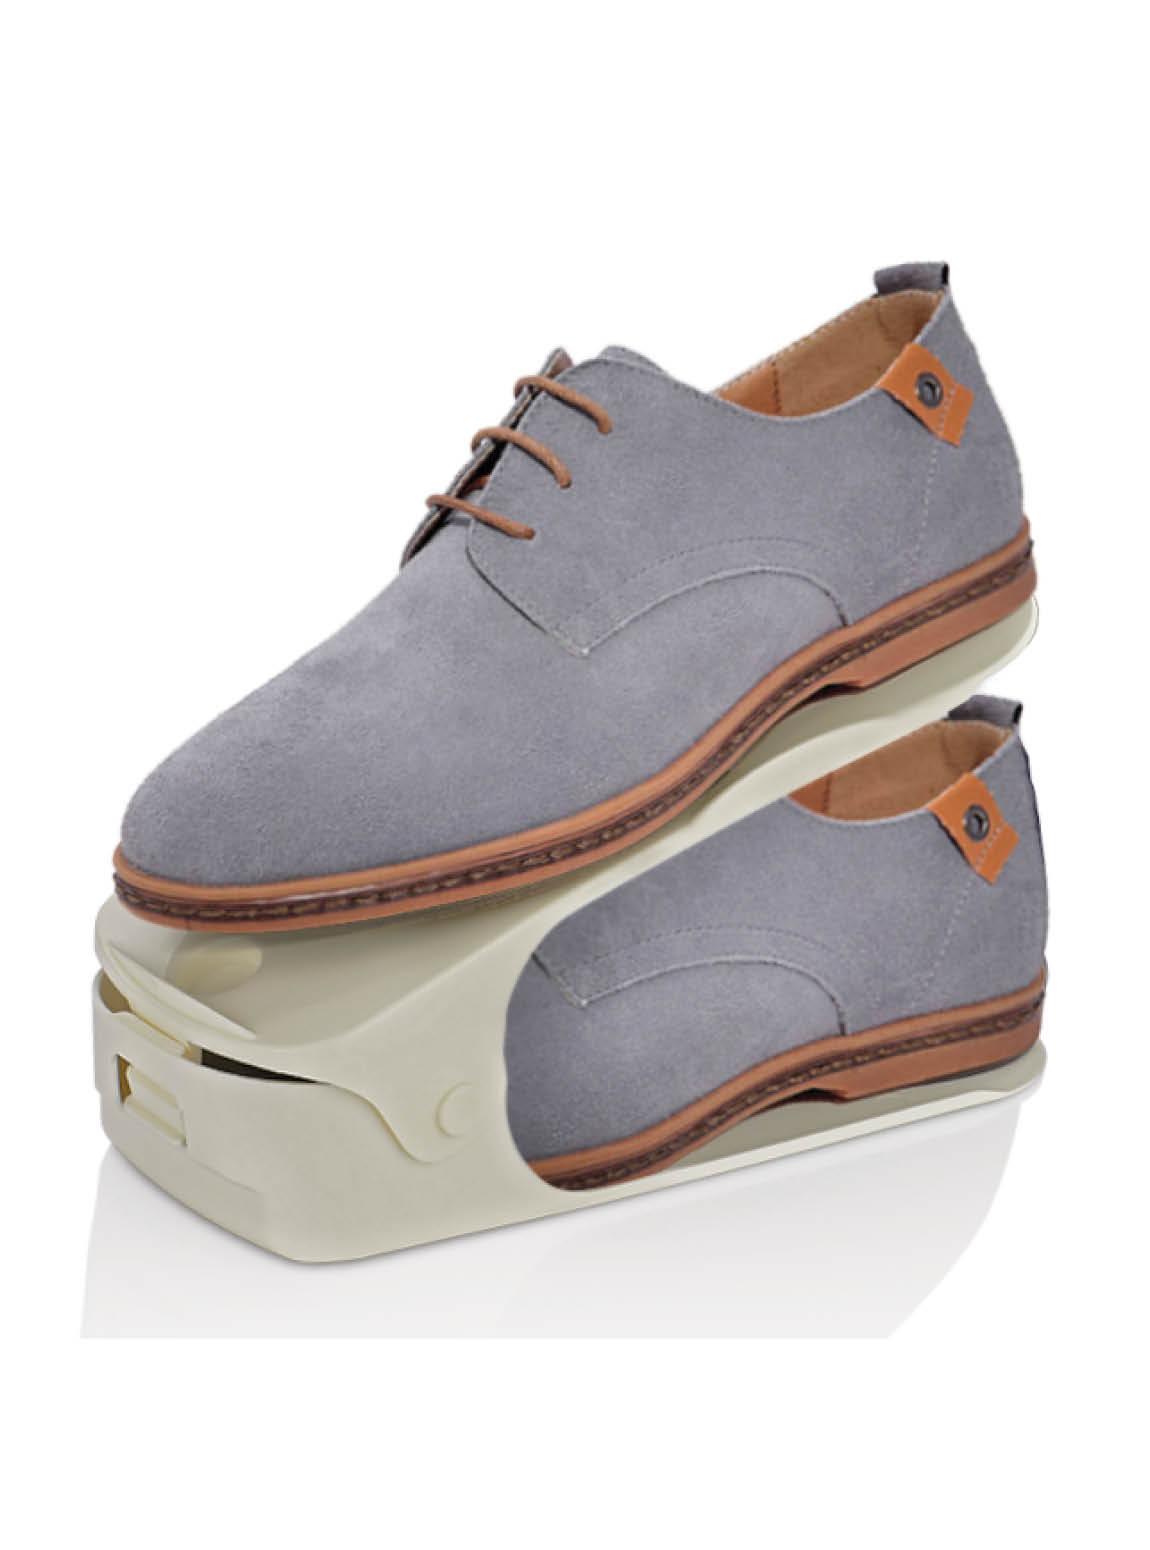 L674 Dublex Ayakkabı Rampası